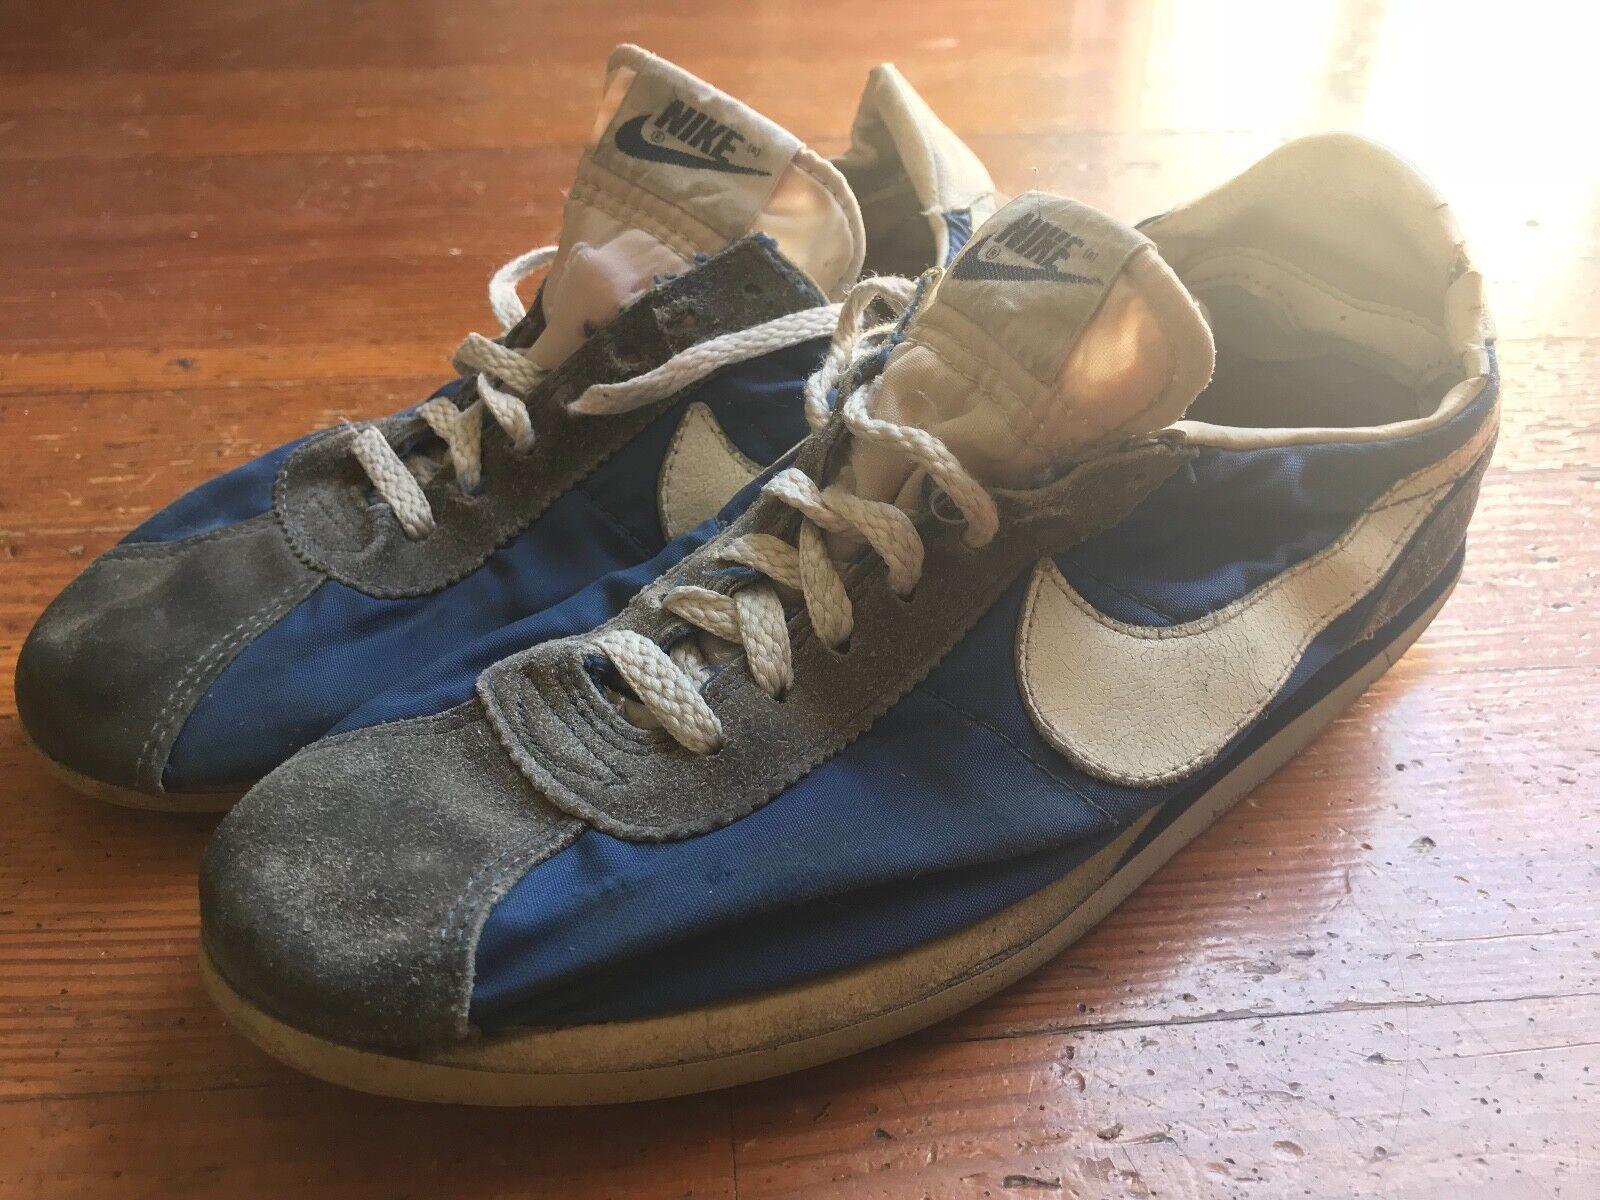 1984 Nike Cortez Waffle Blue and Grey Size 7